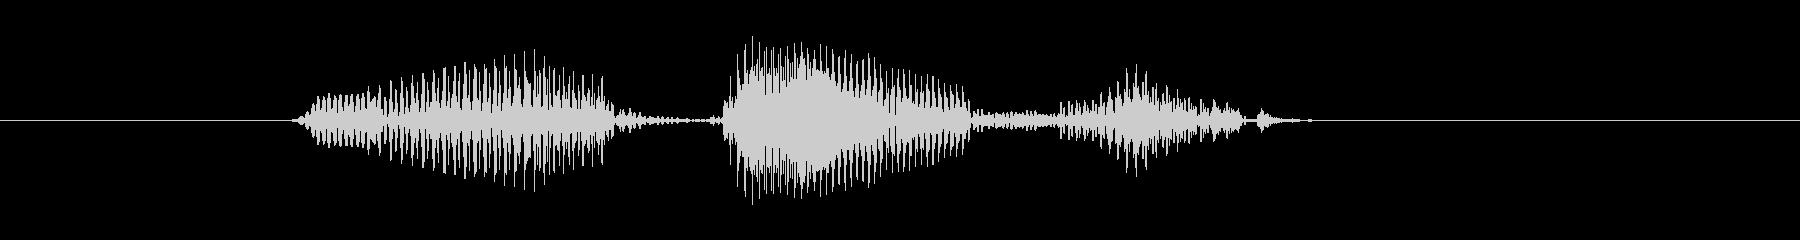 戻るの未再生の波形